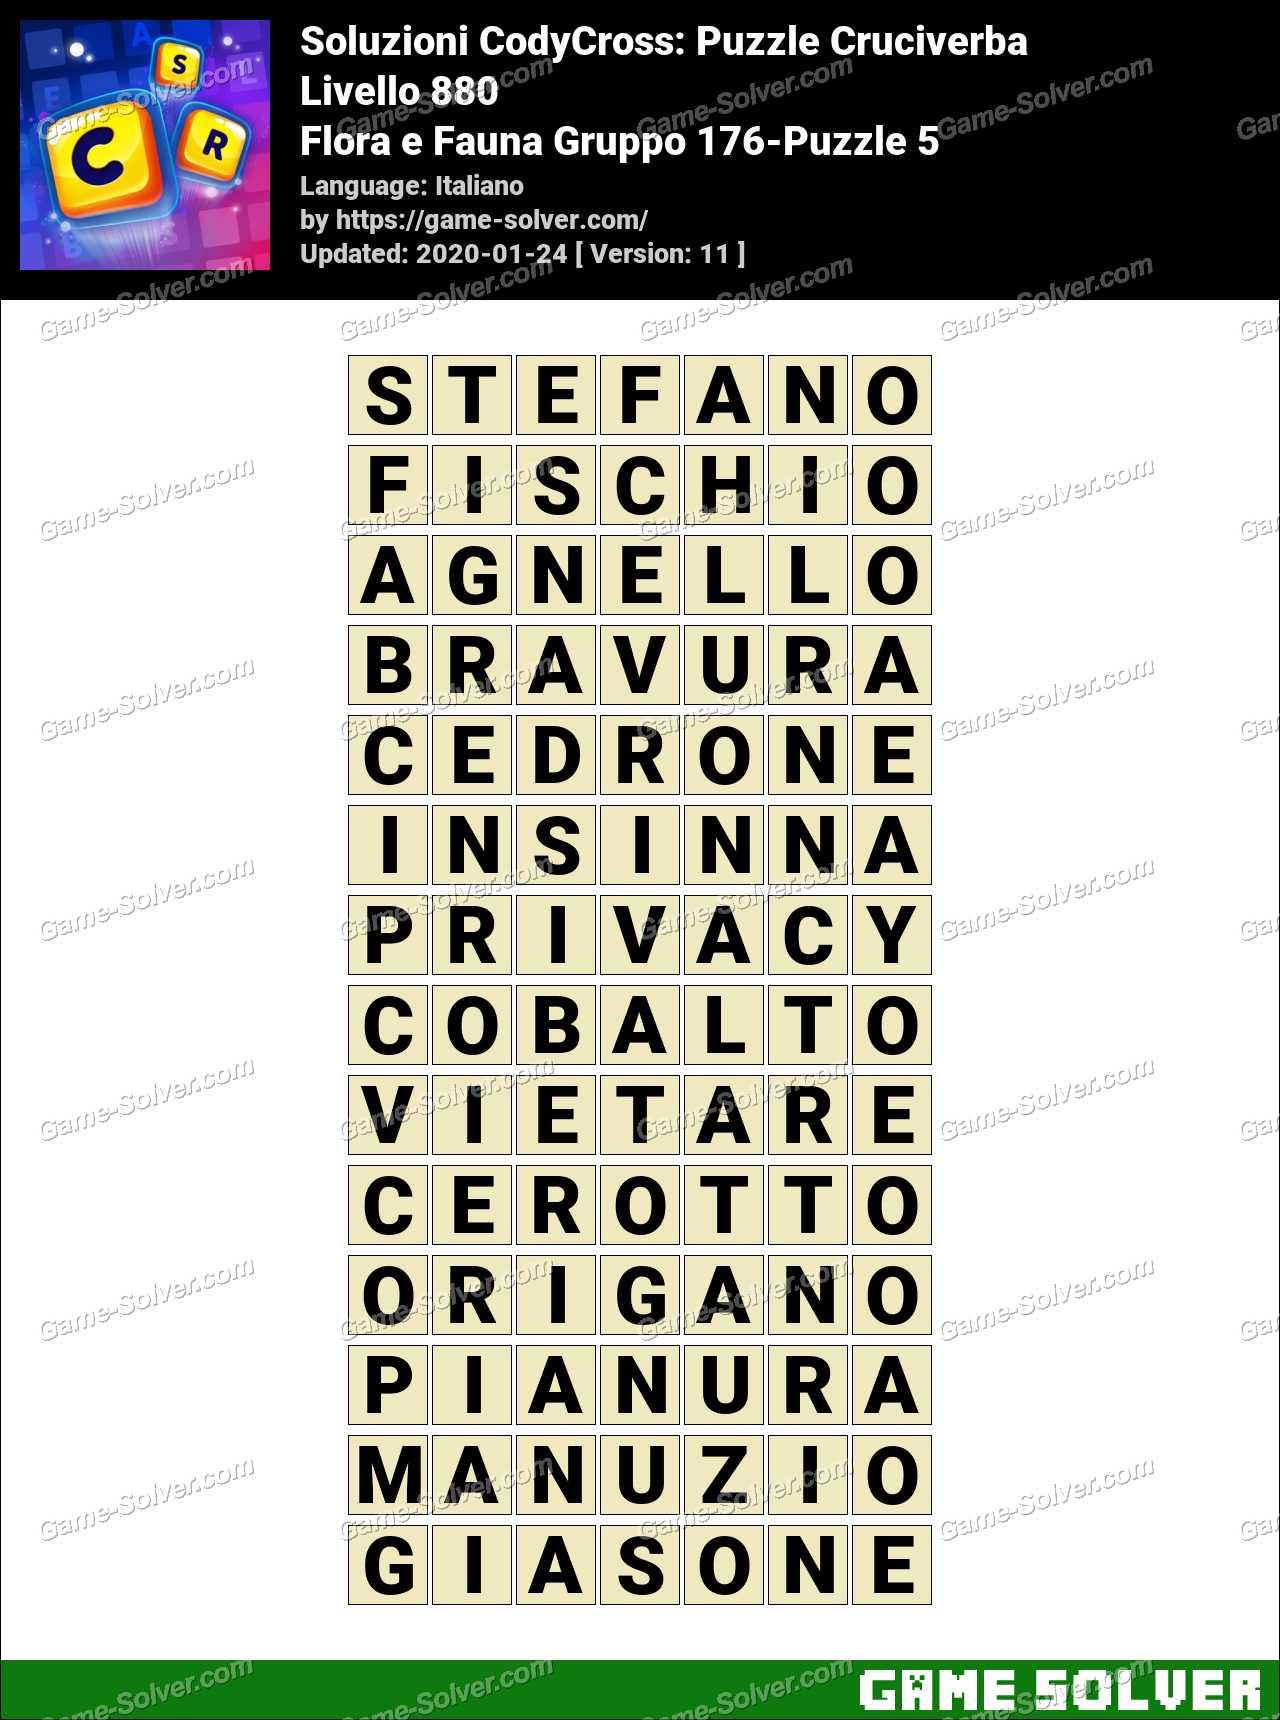 Soluzioni CodyCross Flora e Fauna Gruppo 176-Puzzle 5